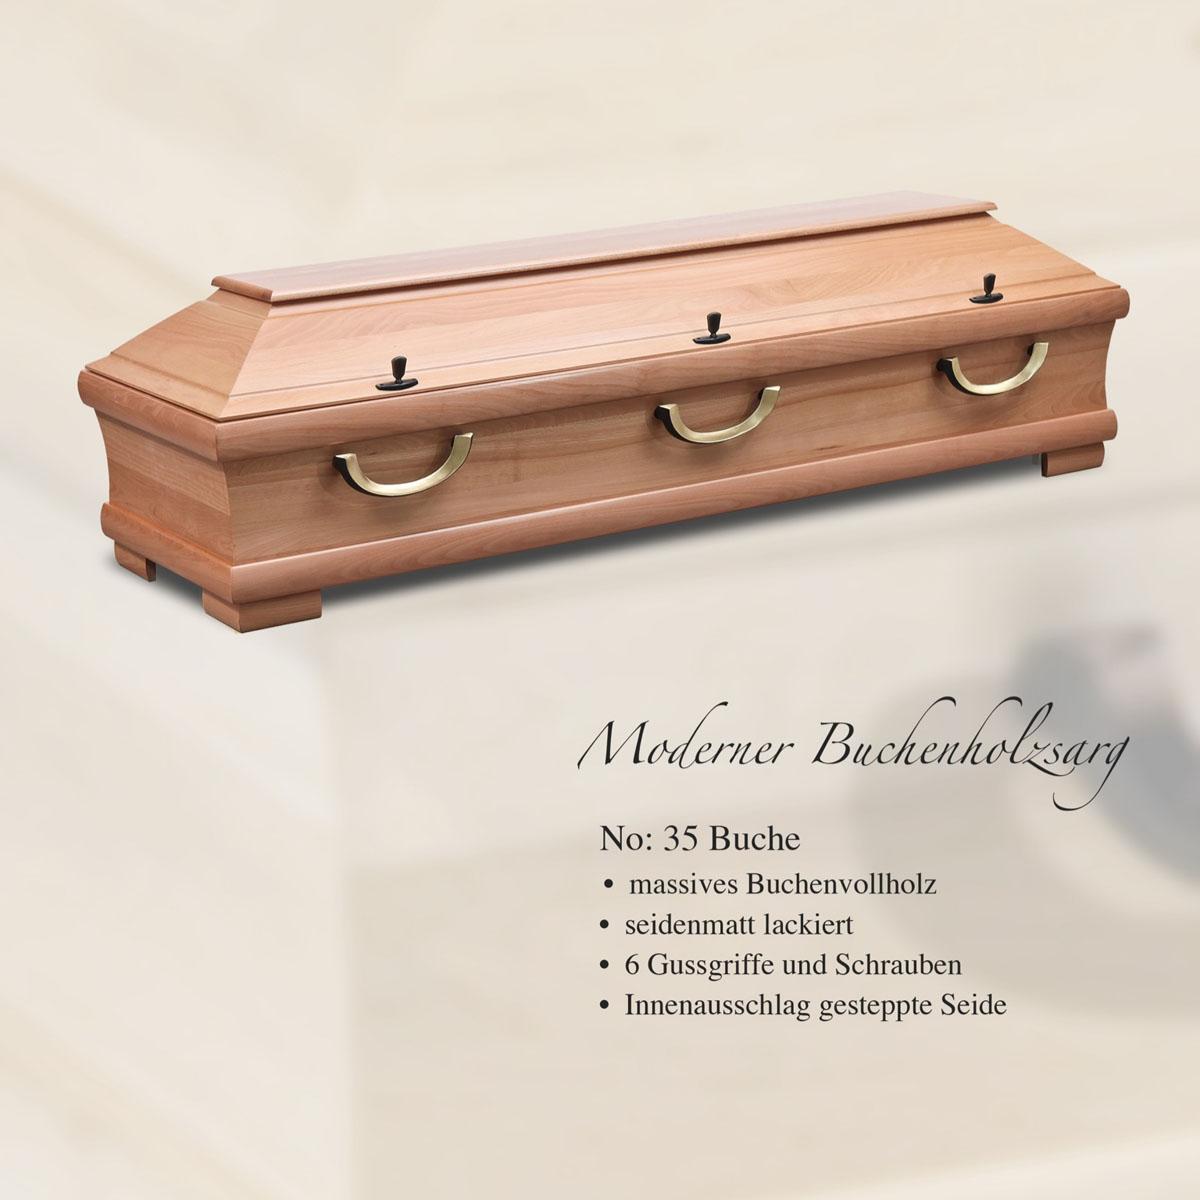 Greve-Bestattungen-Sargauswahl16